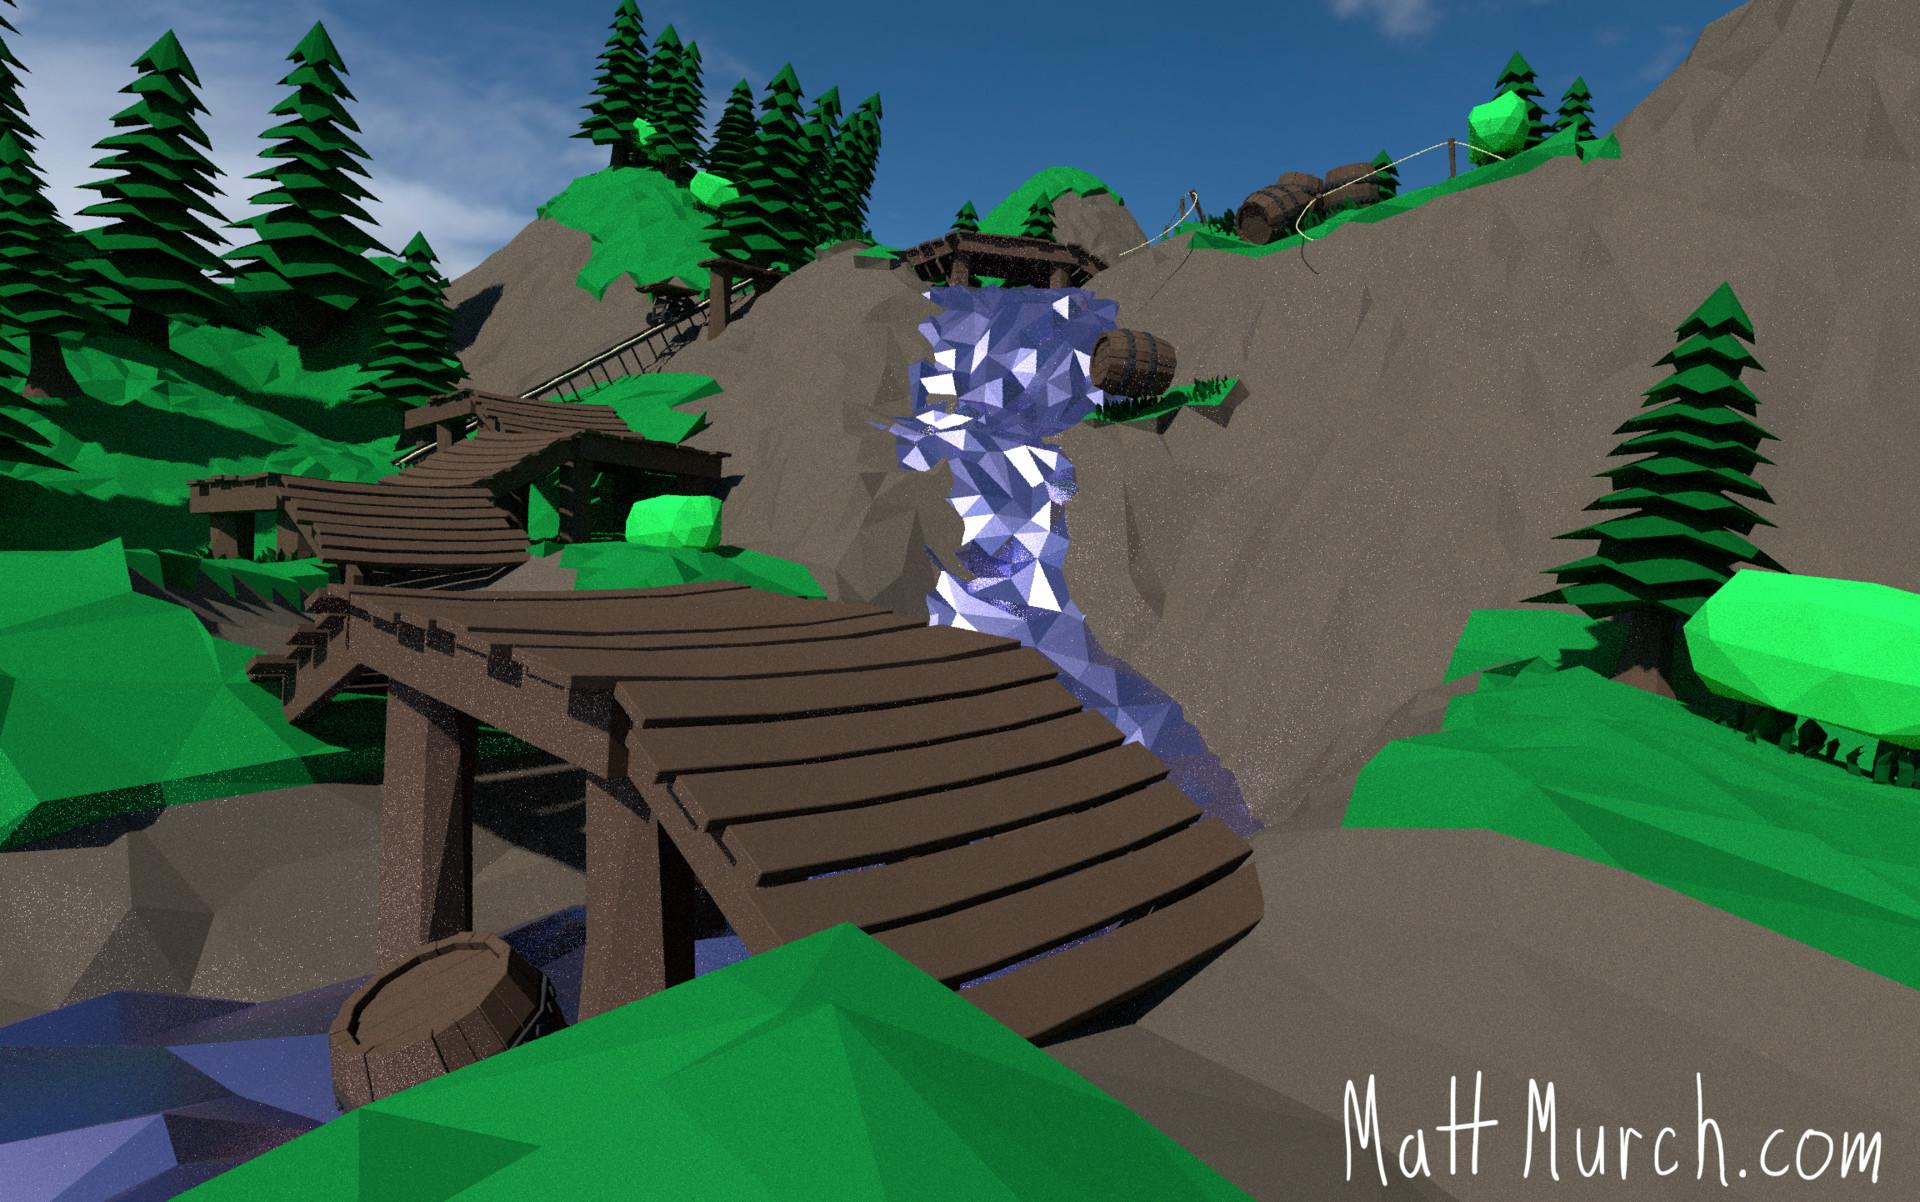 Matt murch bridge